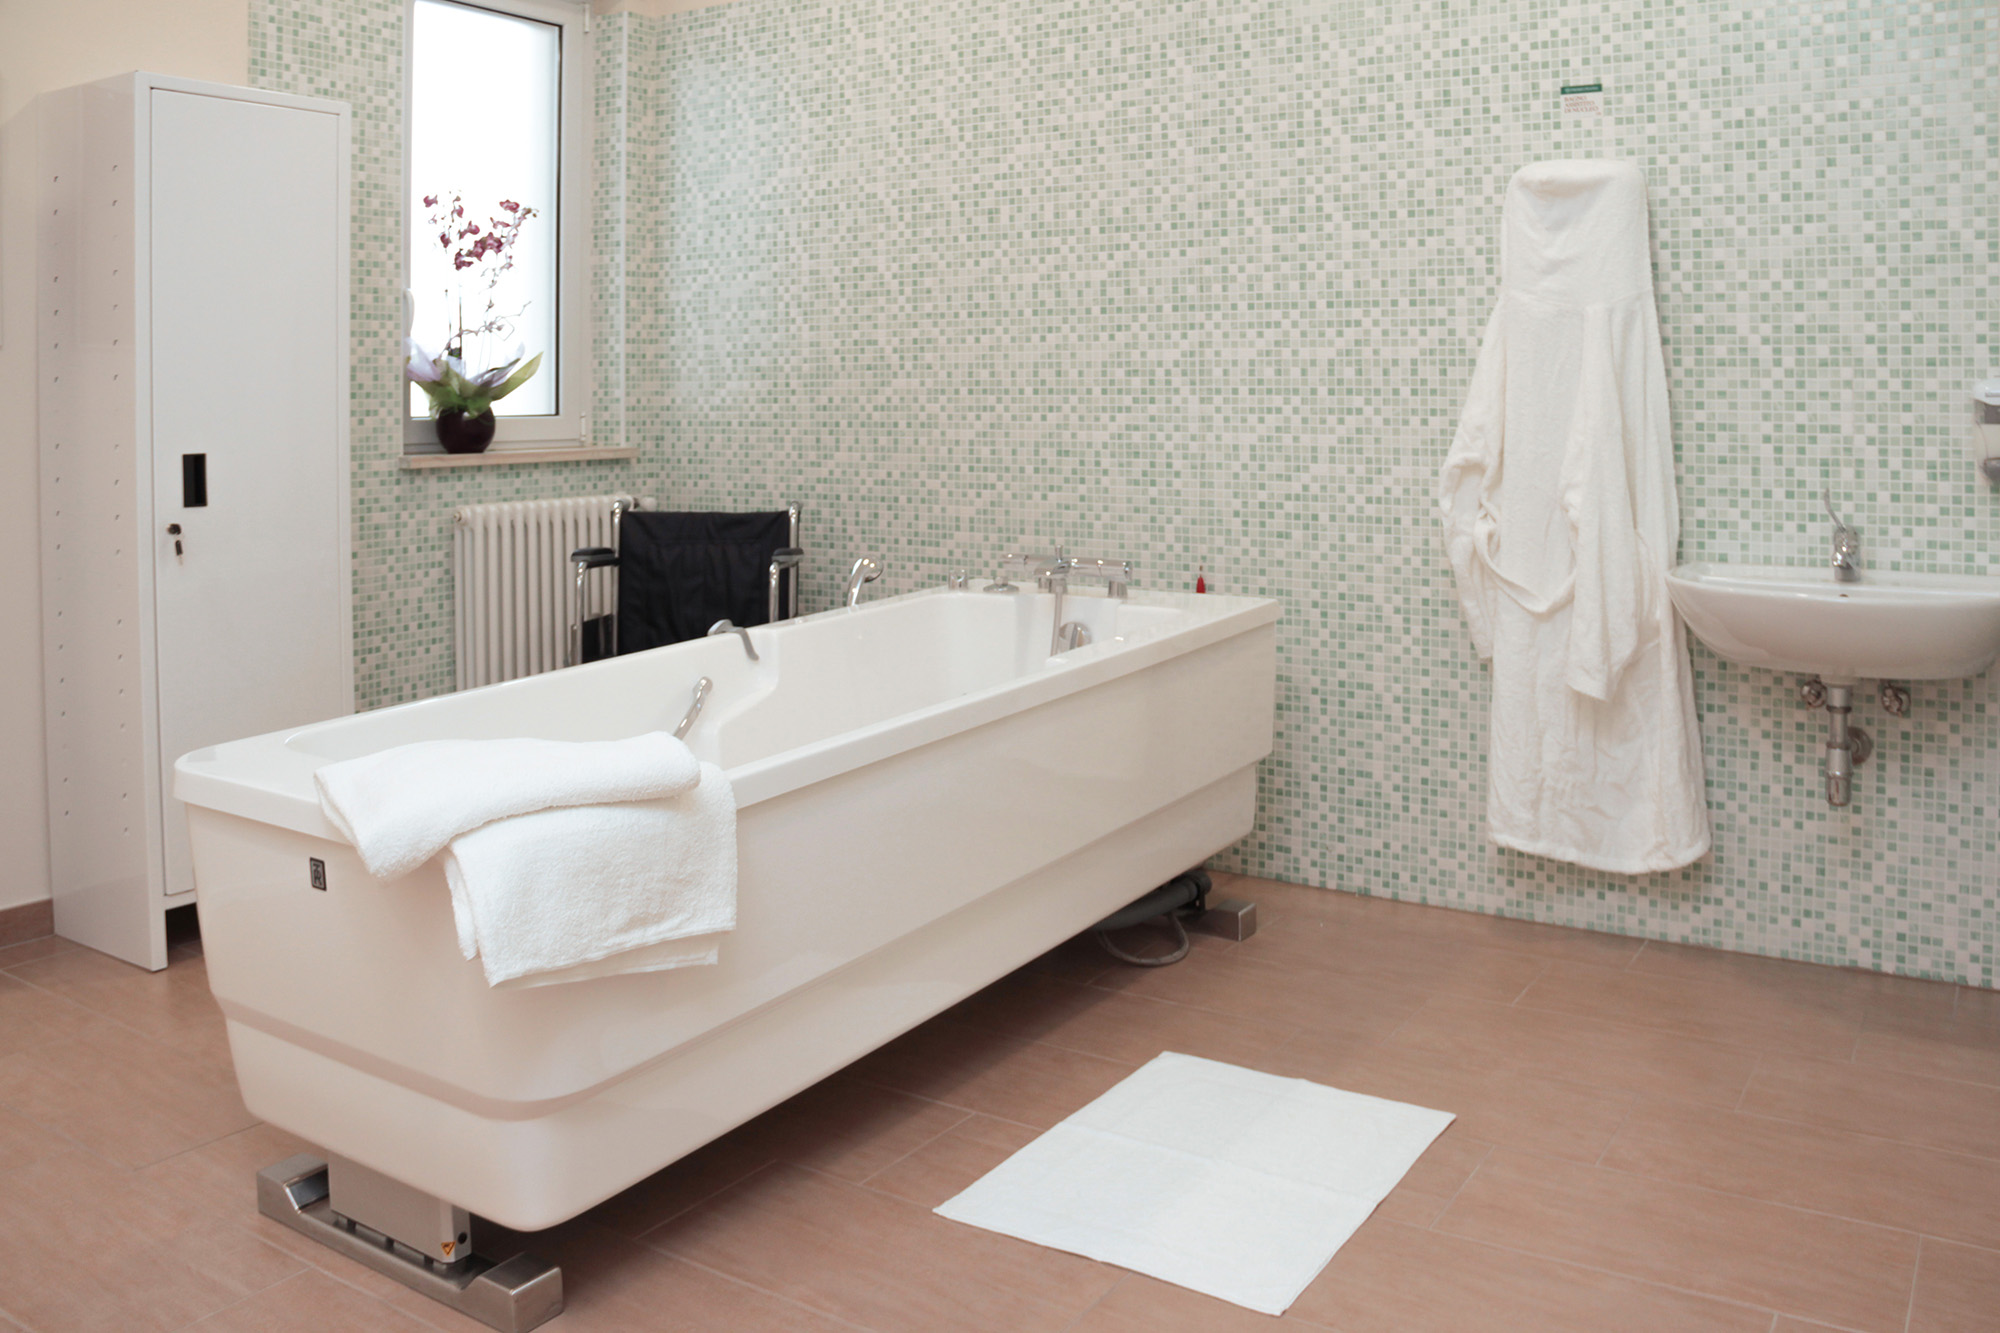 Palazzo mariano rsa casa di riposo e ospitalit per anziani canosa di puglia provincia bat - Vasca bagno assistito ...